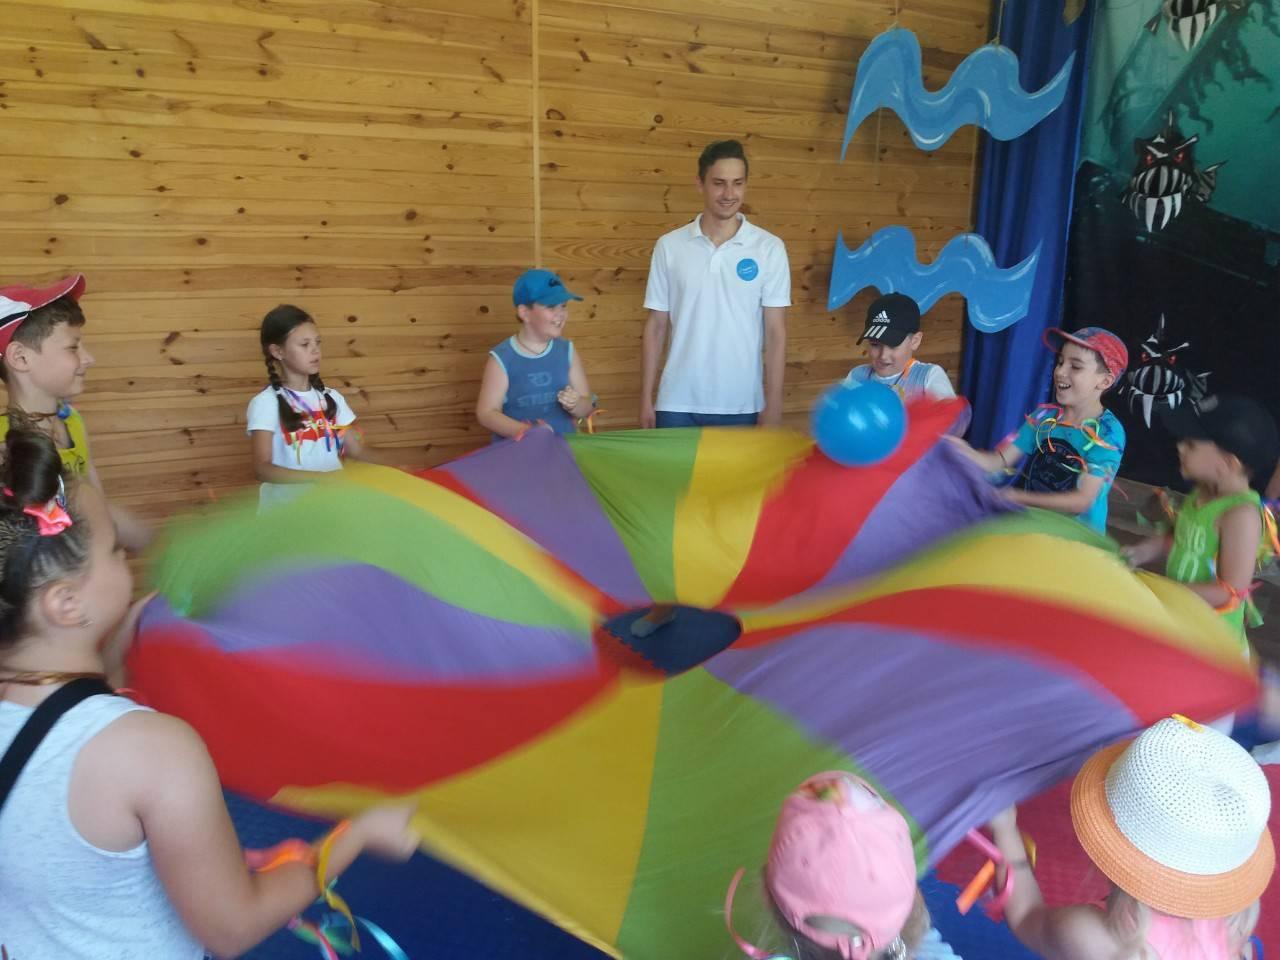 Языковые детские лагеря в чехии  2021 - купить путевку, бронирование бесплатно